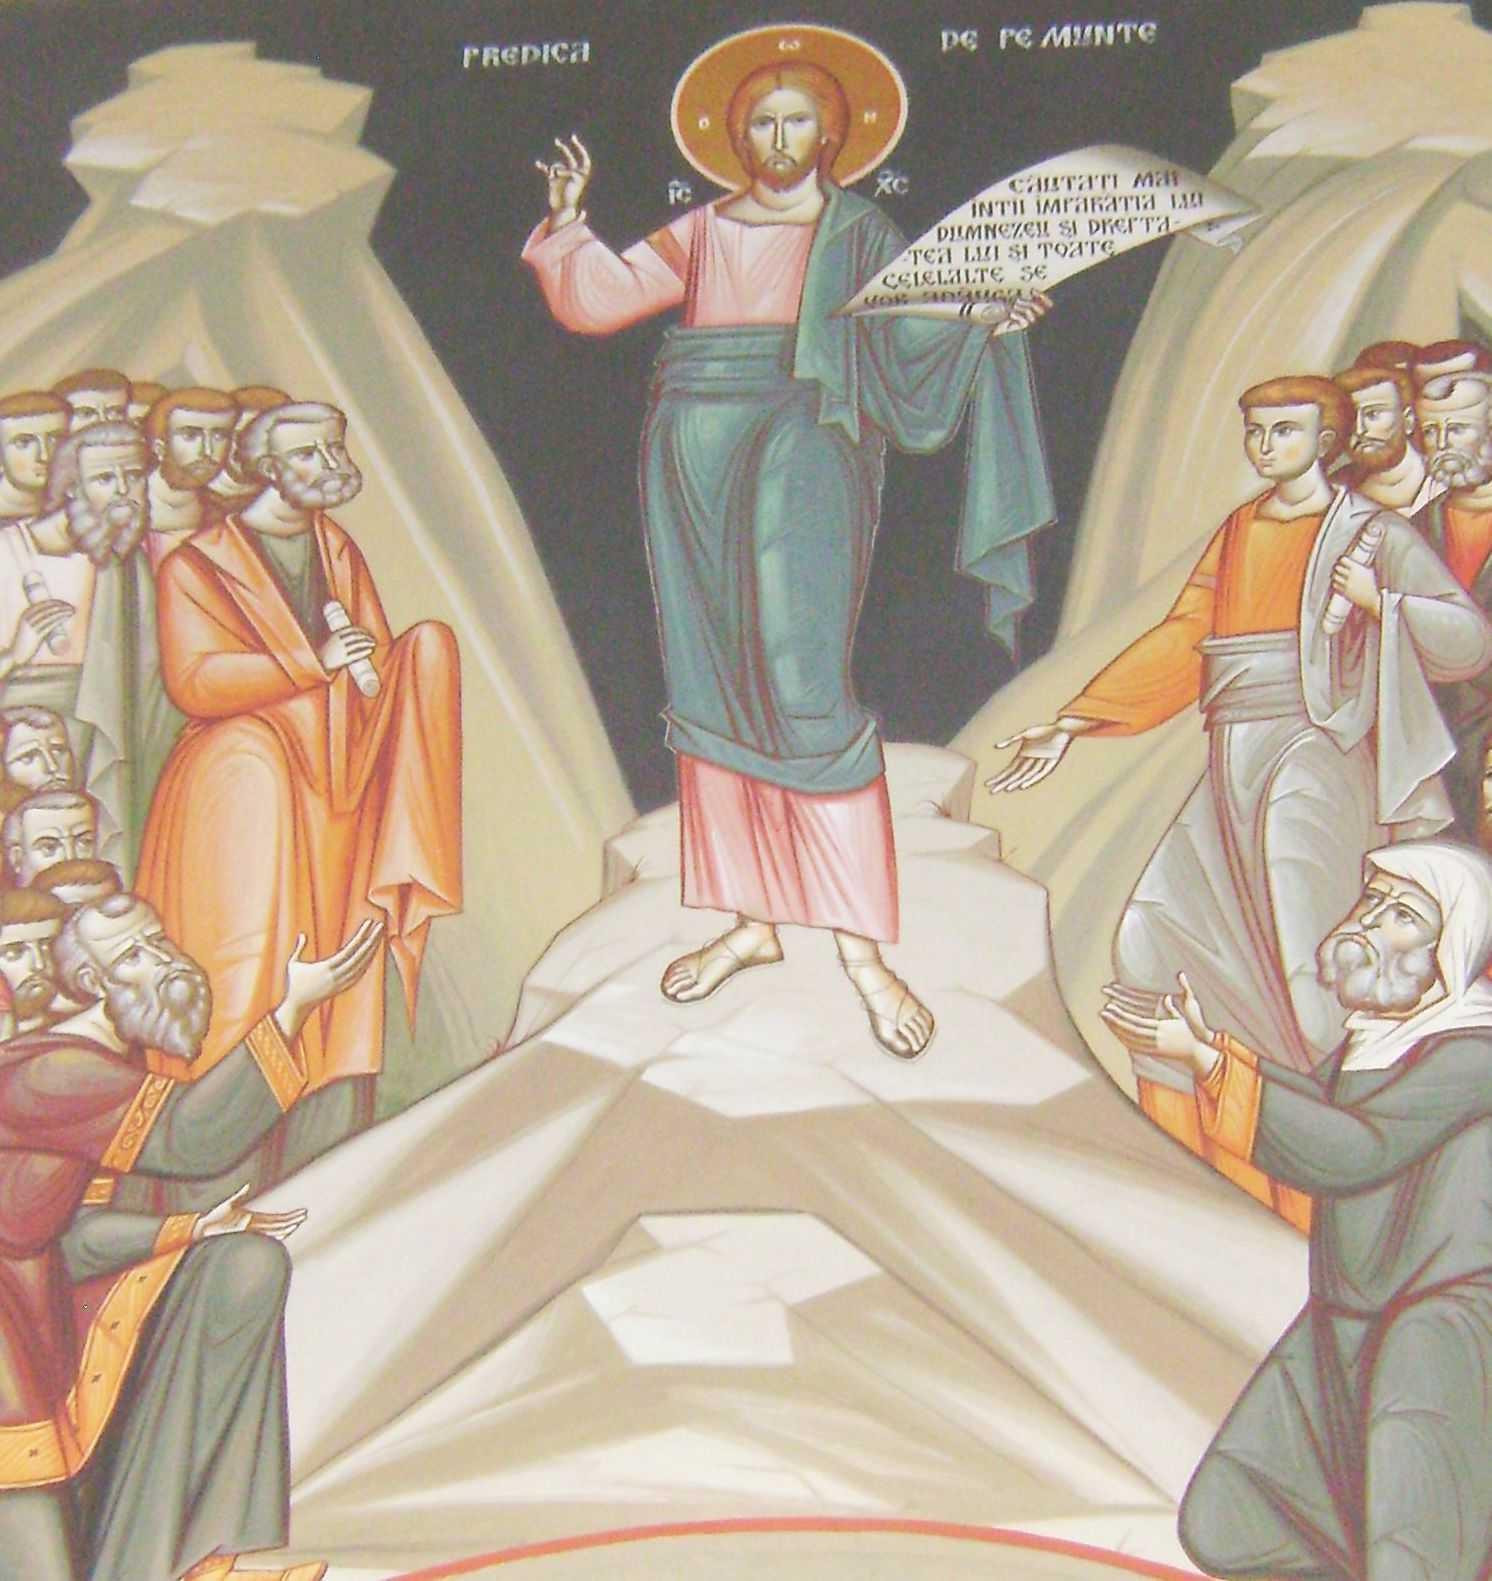 predica-de-pe-munte2